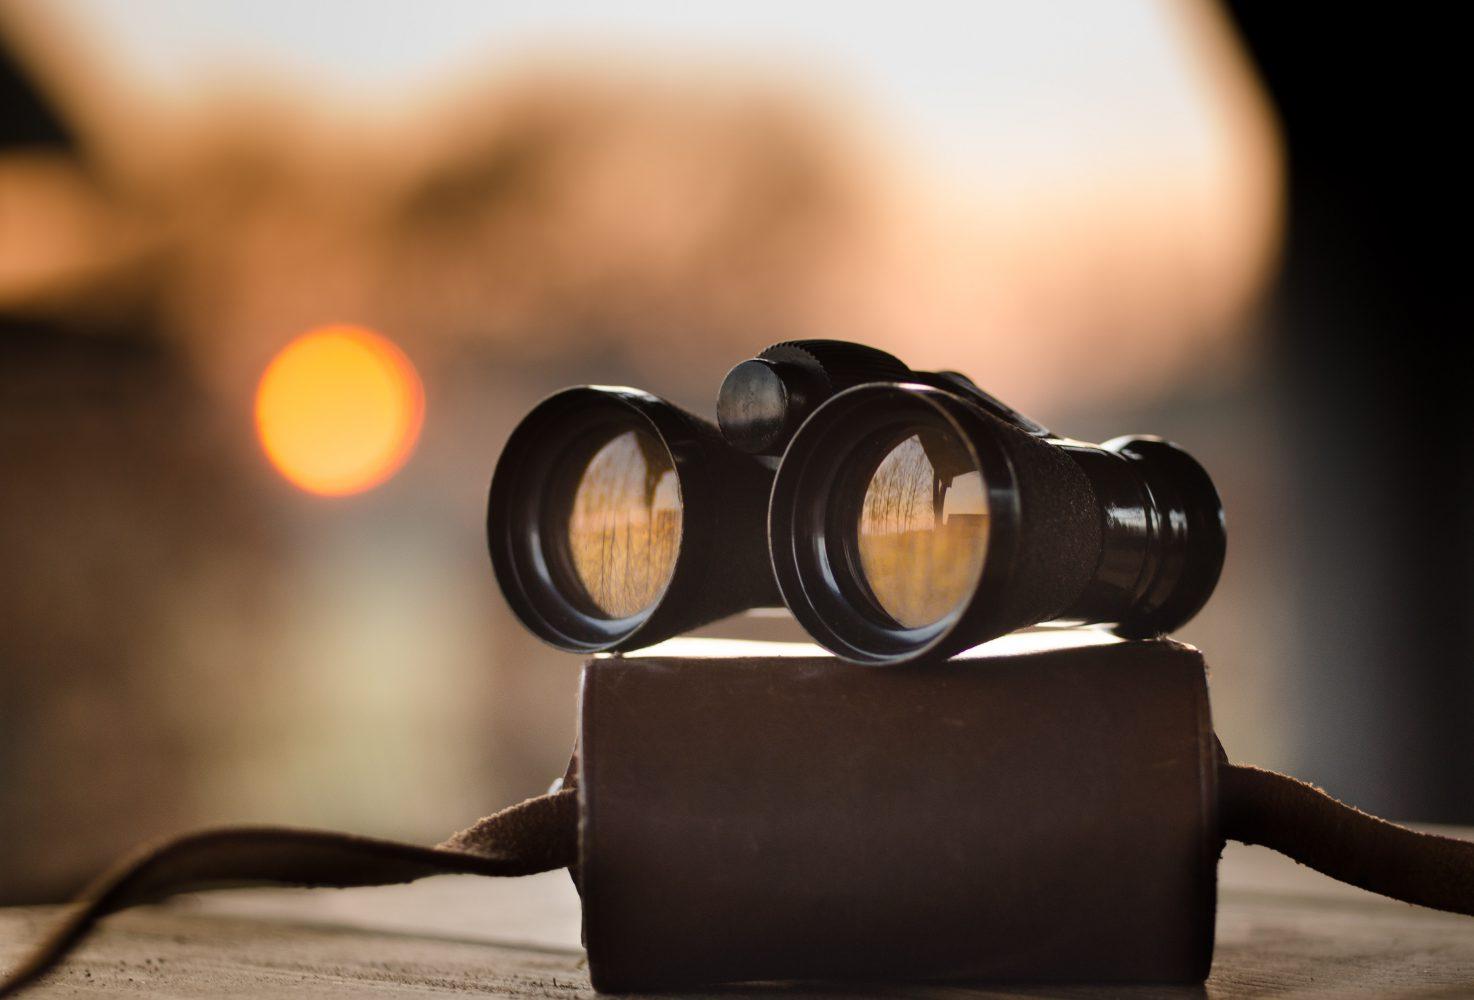 Hoe word ik zichtbaar online?